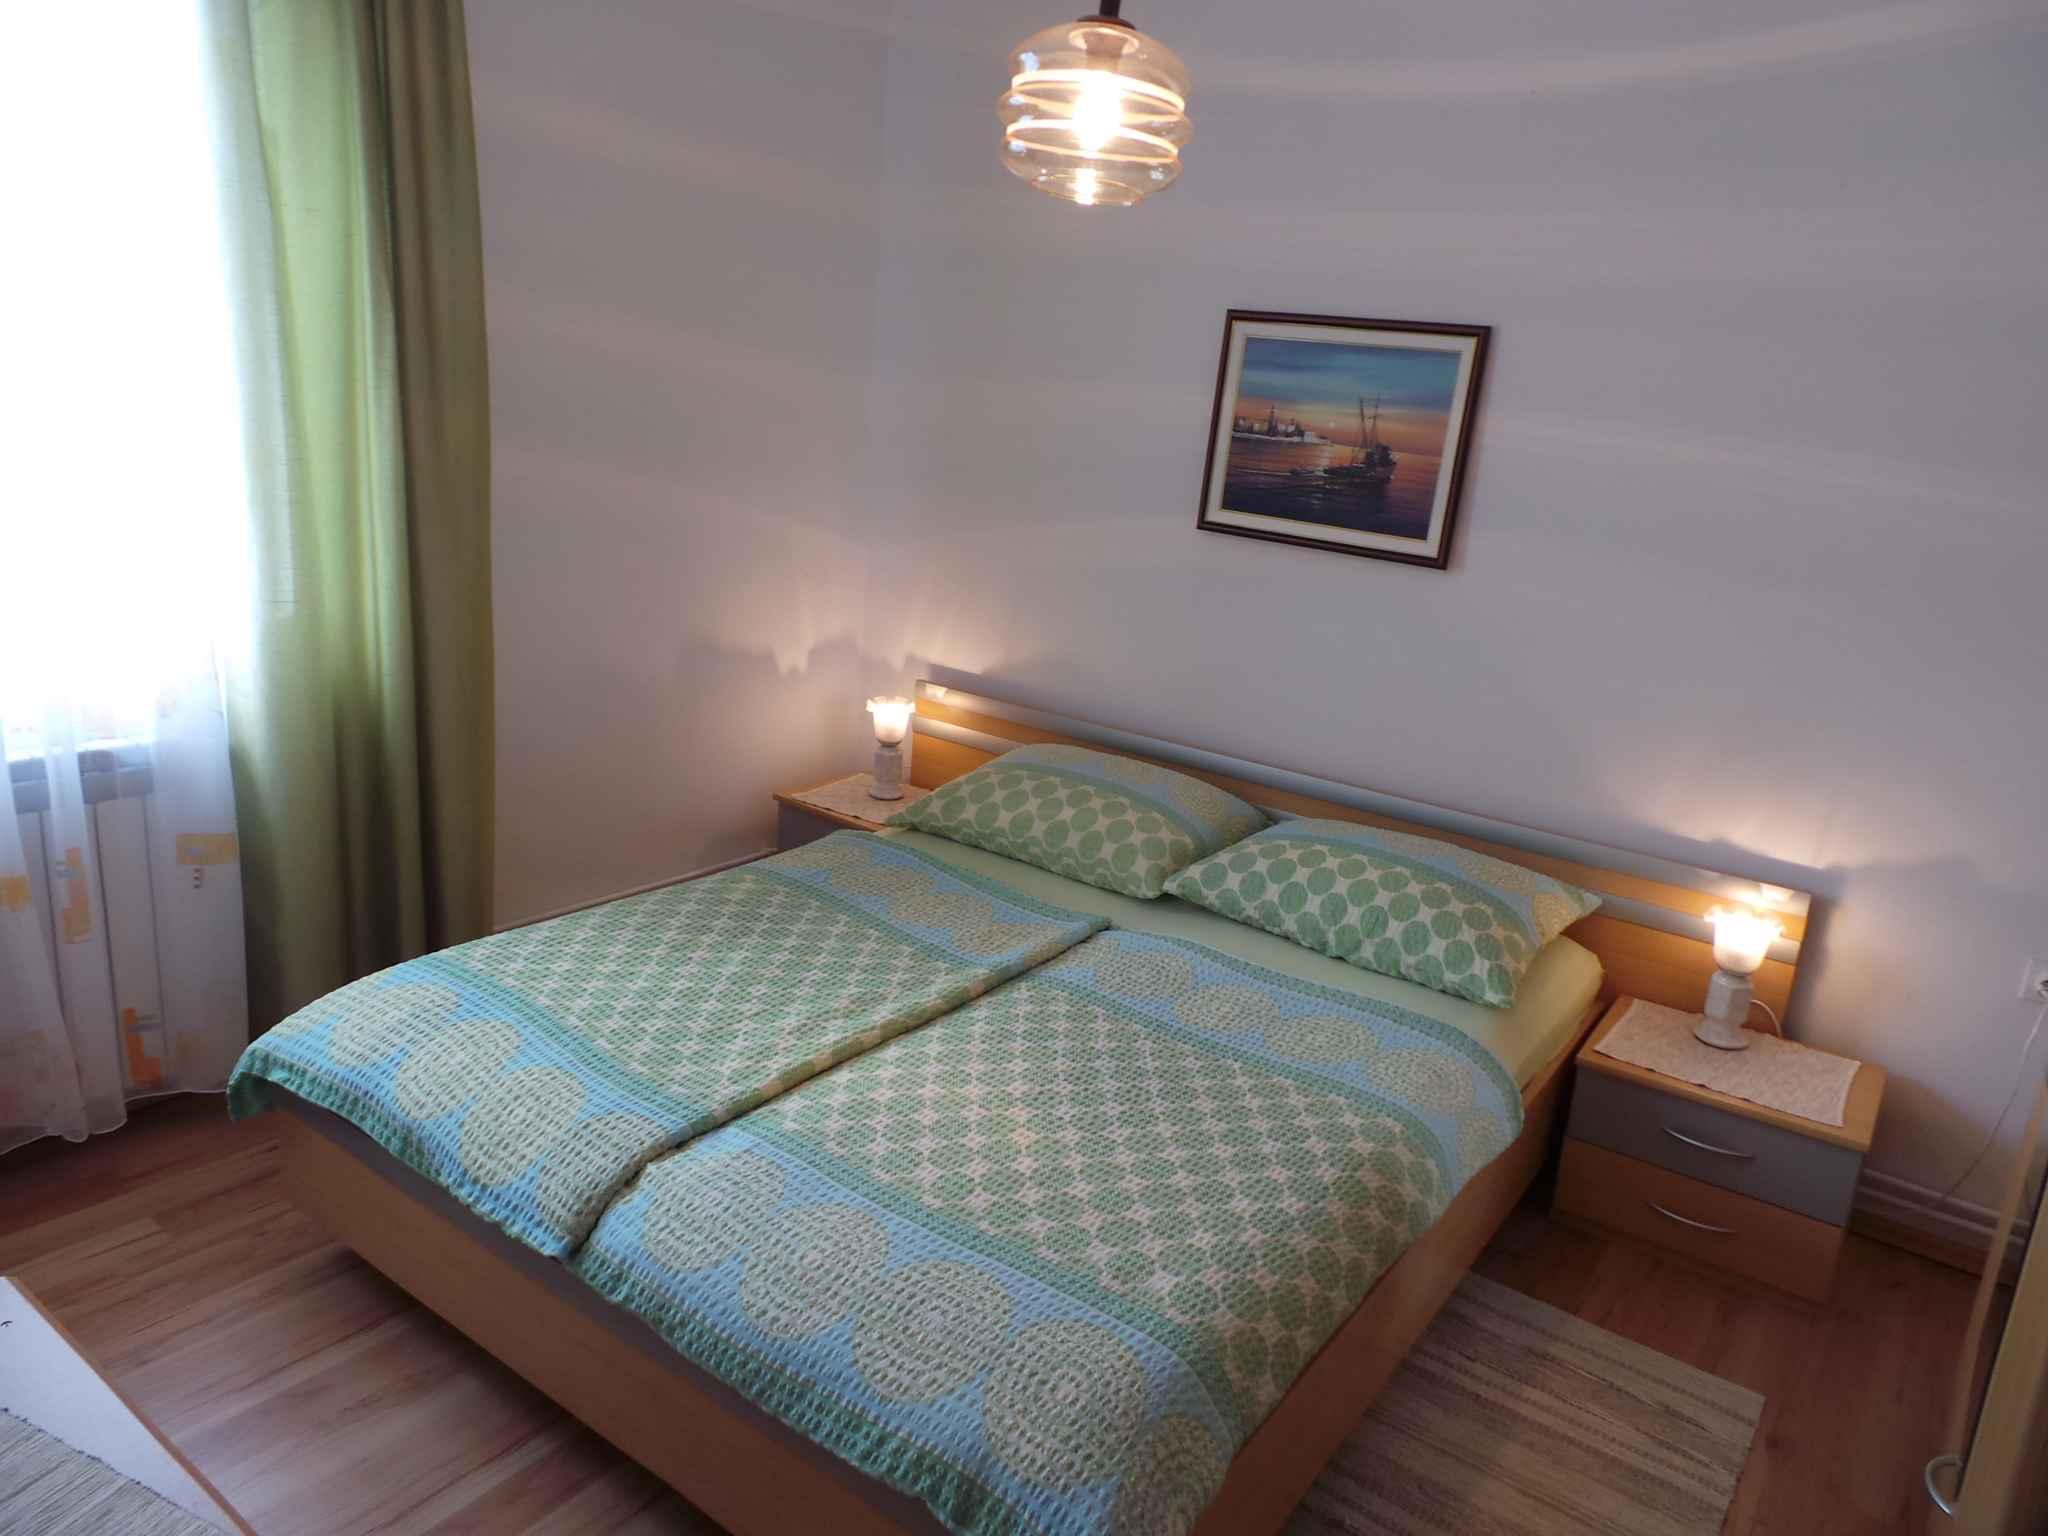 Ferienwohnung s balkonom (280342), Porec, , Istrien, Kroatien, Bild 20